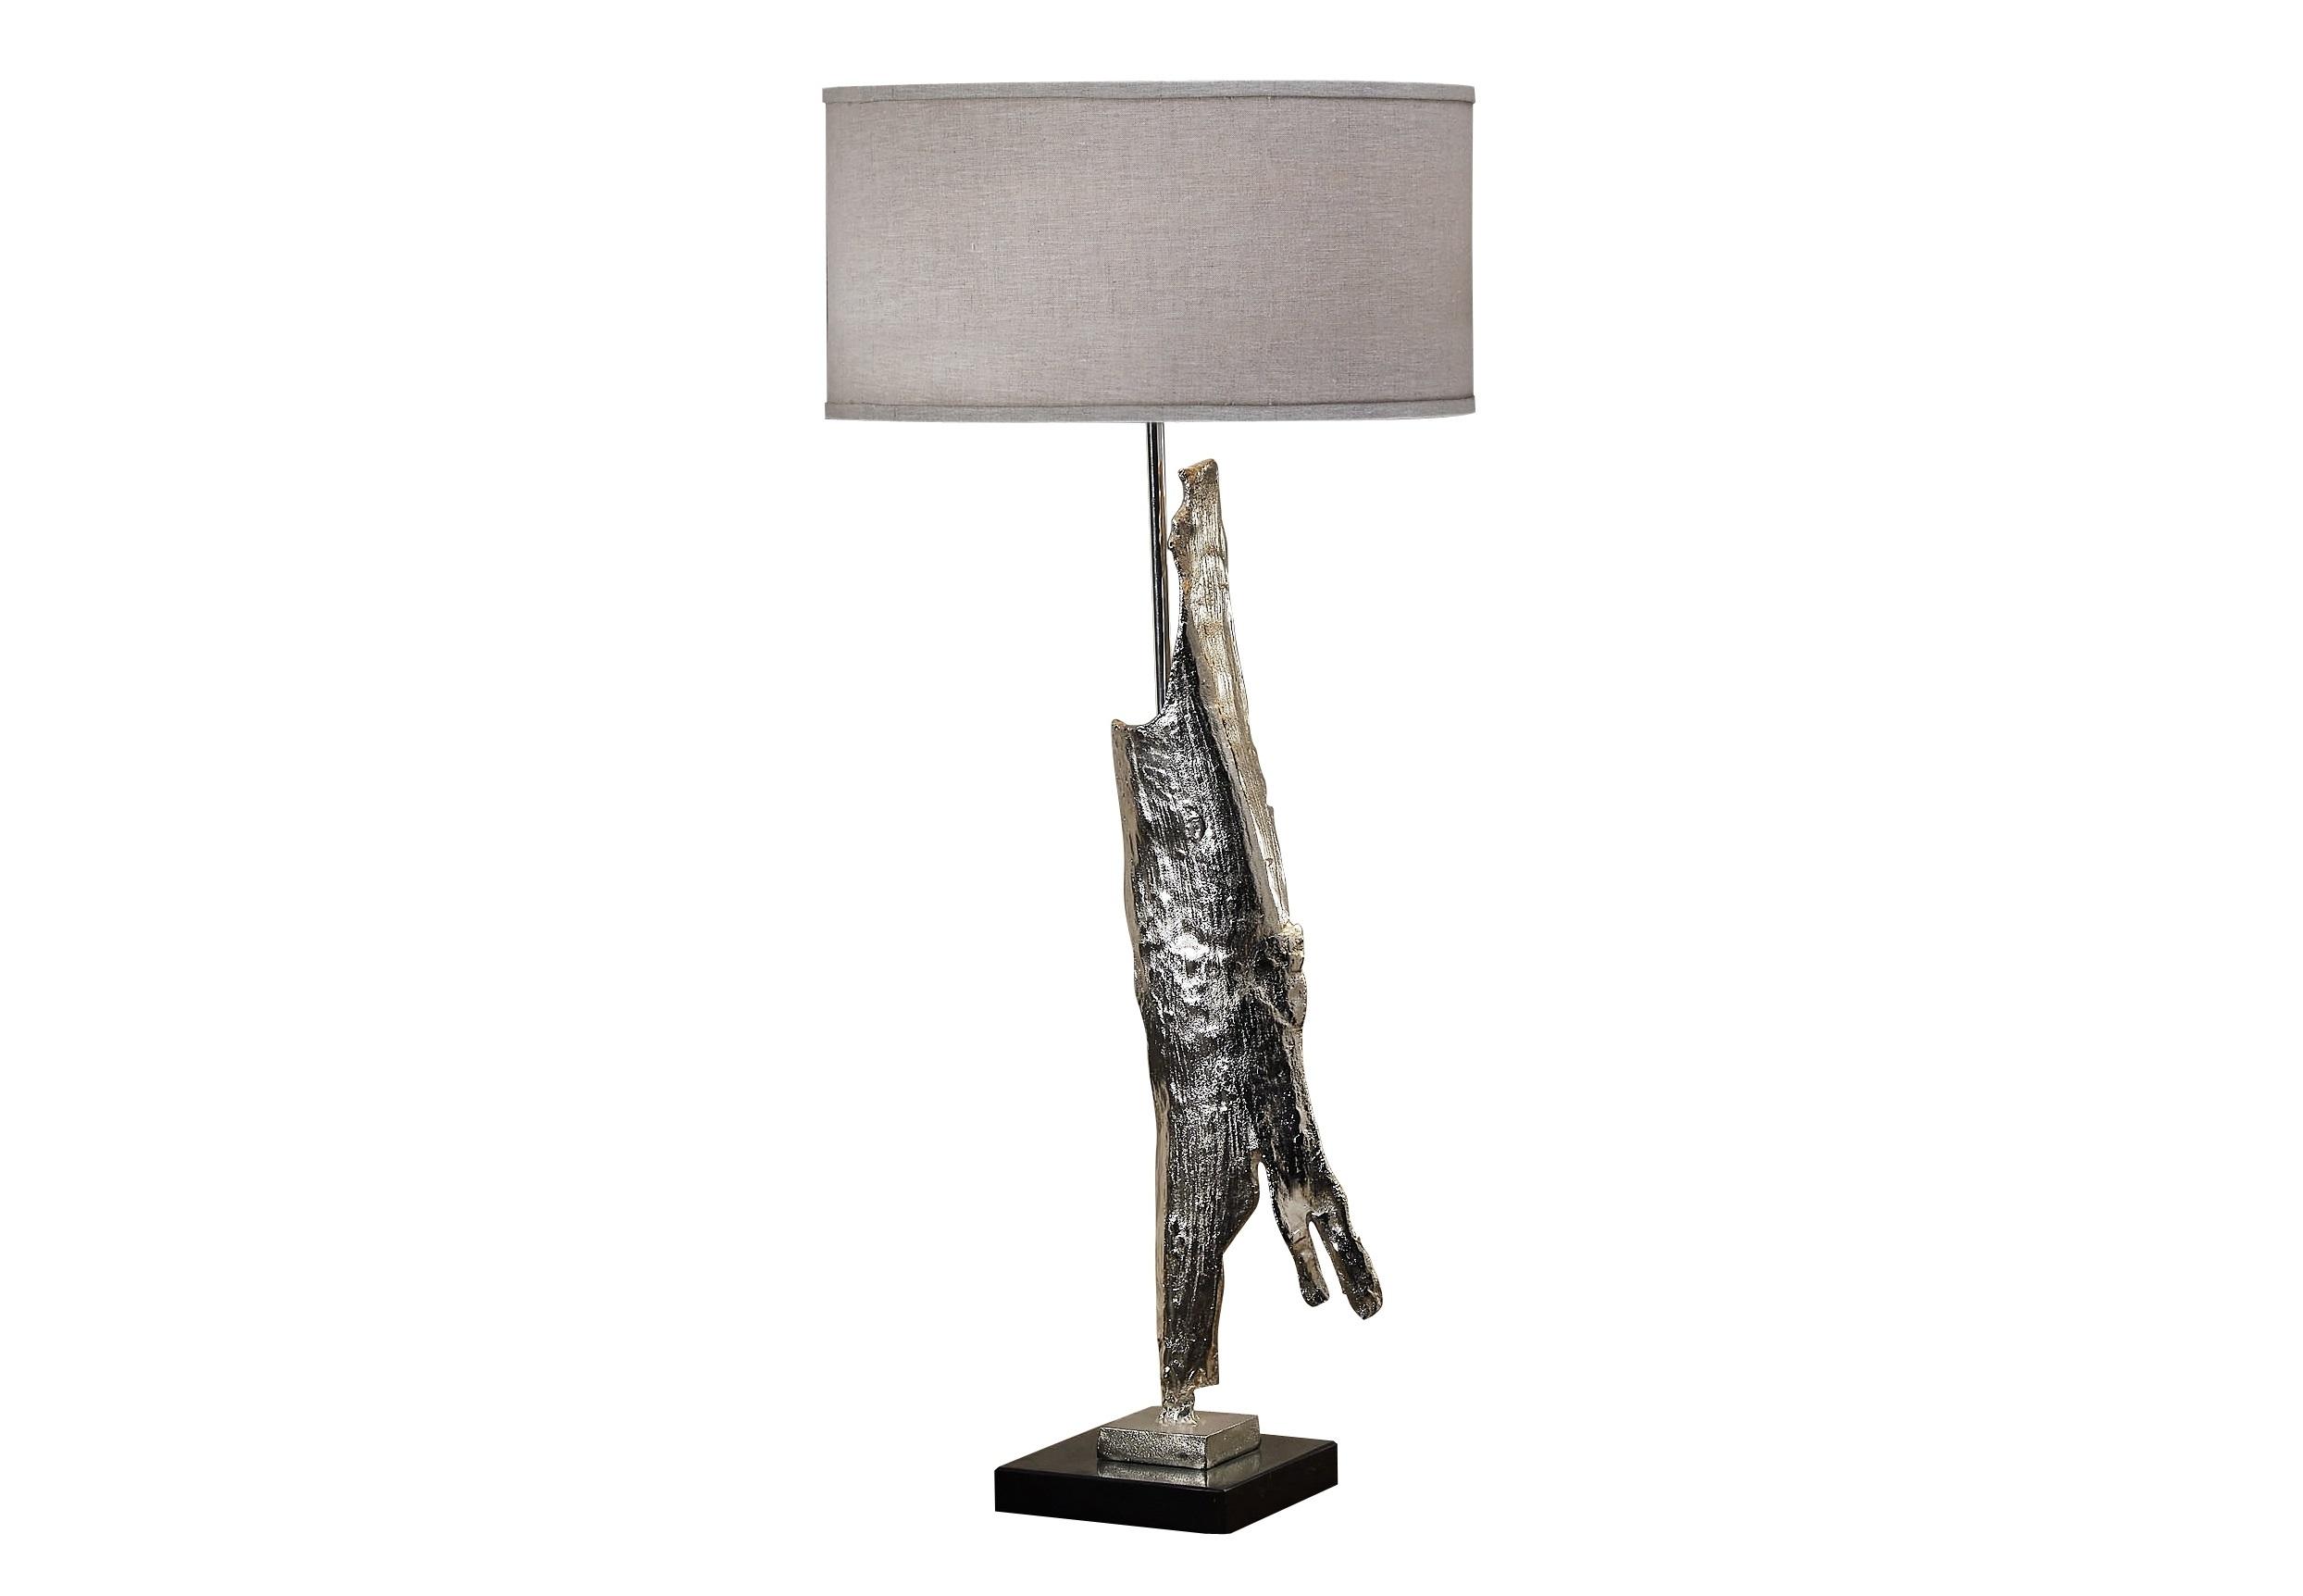 Светильник настольный PaviaДекоративные лампы<br>&amp;lt;div&amp;gt;Настольная лампа серебристого цвета, с тканевым абажуром бежевого цвета и на подставке из натурального мрамора. В любом интерьере она будет стильным элементом декора.&amp;lt;/div&amp;gt;&amp;lt;div&amp;gt;&amp;lt;br&amp;gt;&amp;lt;/div&amp;gt;&amp;lt;div&amp;gt;Вид цоколя: E27&amp;lt;/div&amp;gt;&amp;lt;div&amp;gt;Мощность: 60W&amp;lt;/div&amp;gt;&amp;lt;div&amp;gt;Количество ламп: 1 (нет в комплекте)&amp;lt;/div&amp;gt;&amp;lt;div&amp;gt;Материал: цинковый сплав&amp;lt;/div&amp;gt;<br><br>Material: Металл<br>Высота см: 99.0